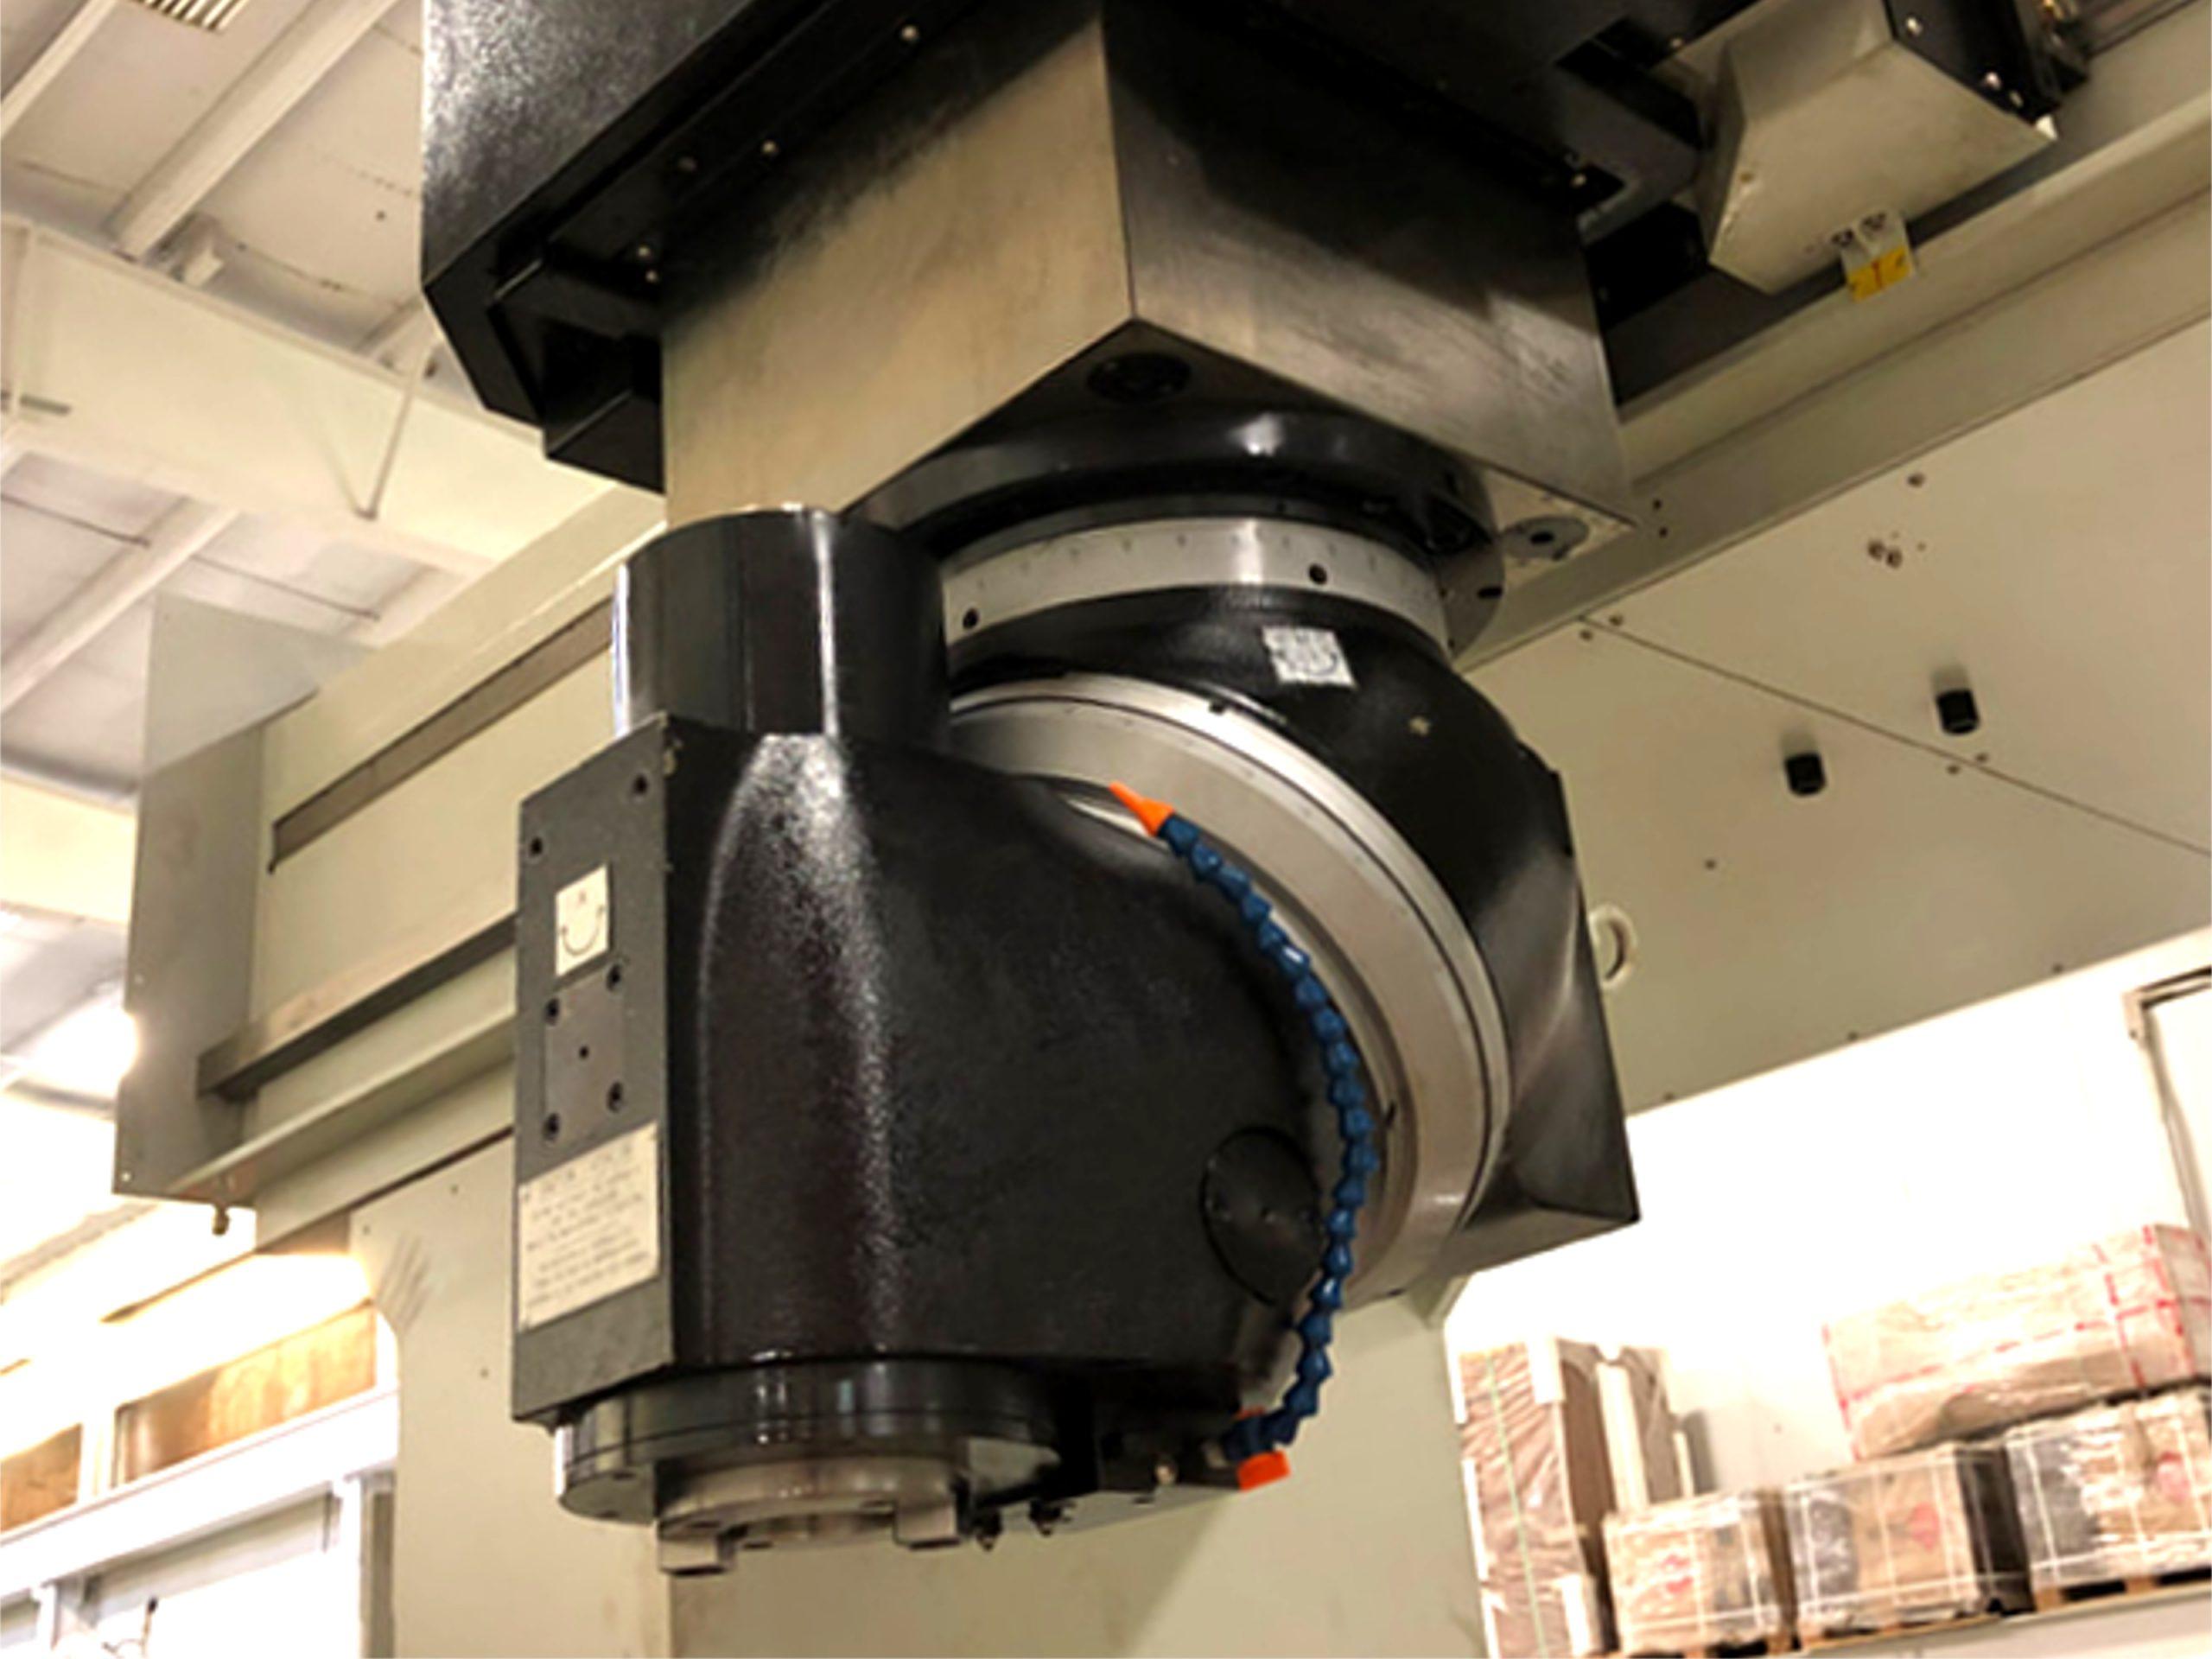 EMENA cabezal de fresado milling head VGCI en maquina